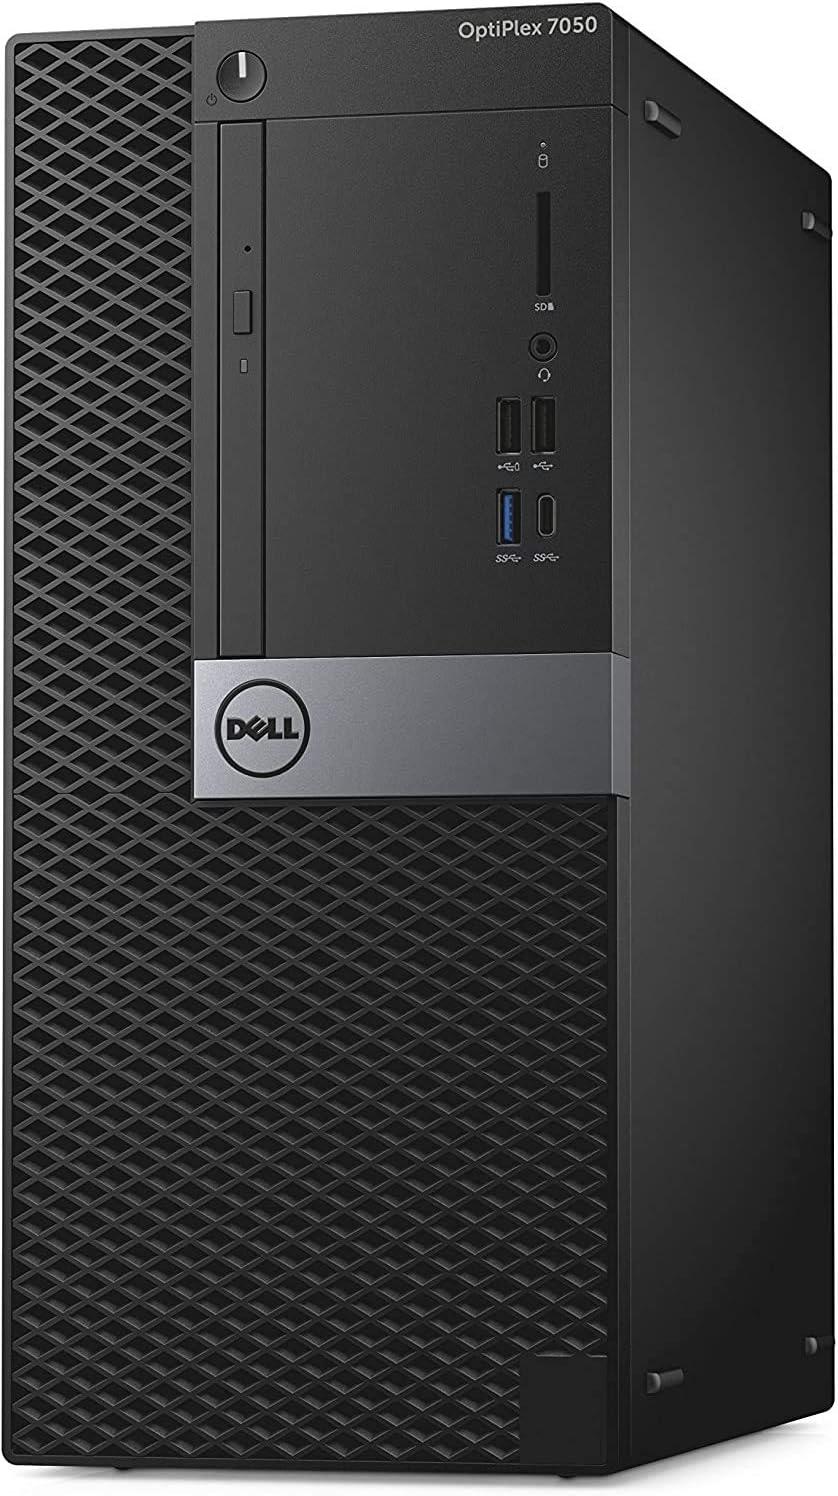 Dell OptiPlex 7050 – T Intel Core i7-6700 3.4 GHz, 16GB RAM, 512 GB Solid State Drive, DVDRW, Windows 10 Pro 64bit, (Renewed)